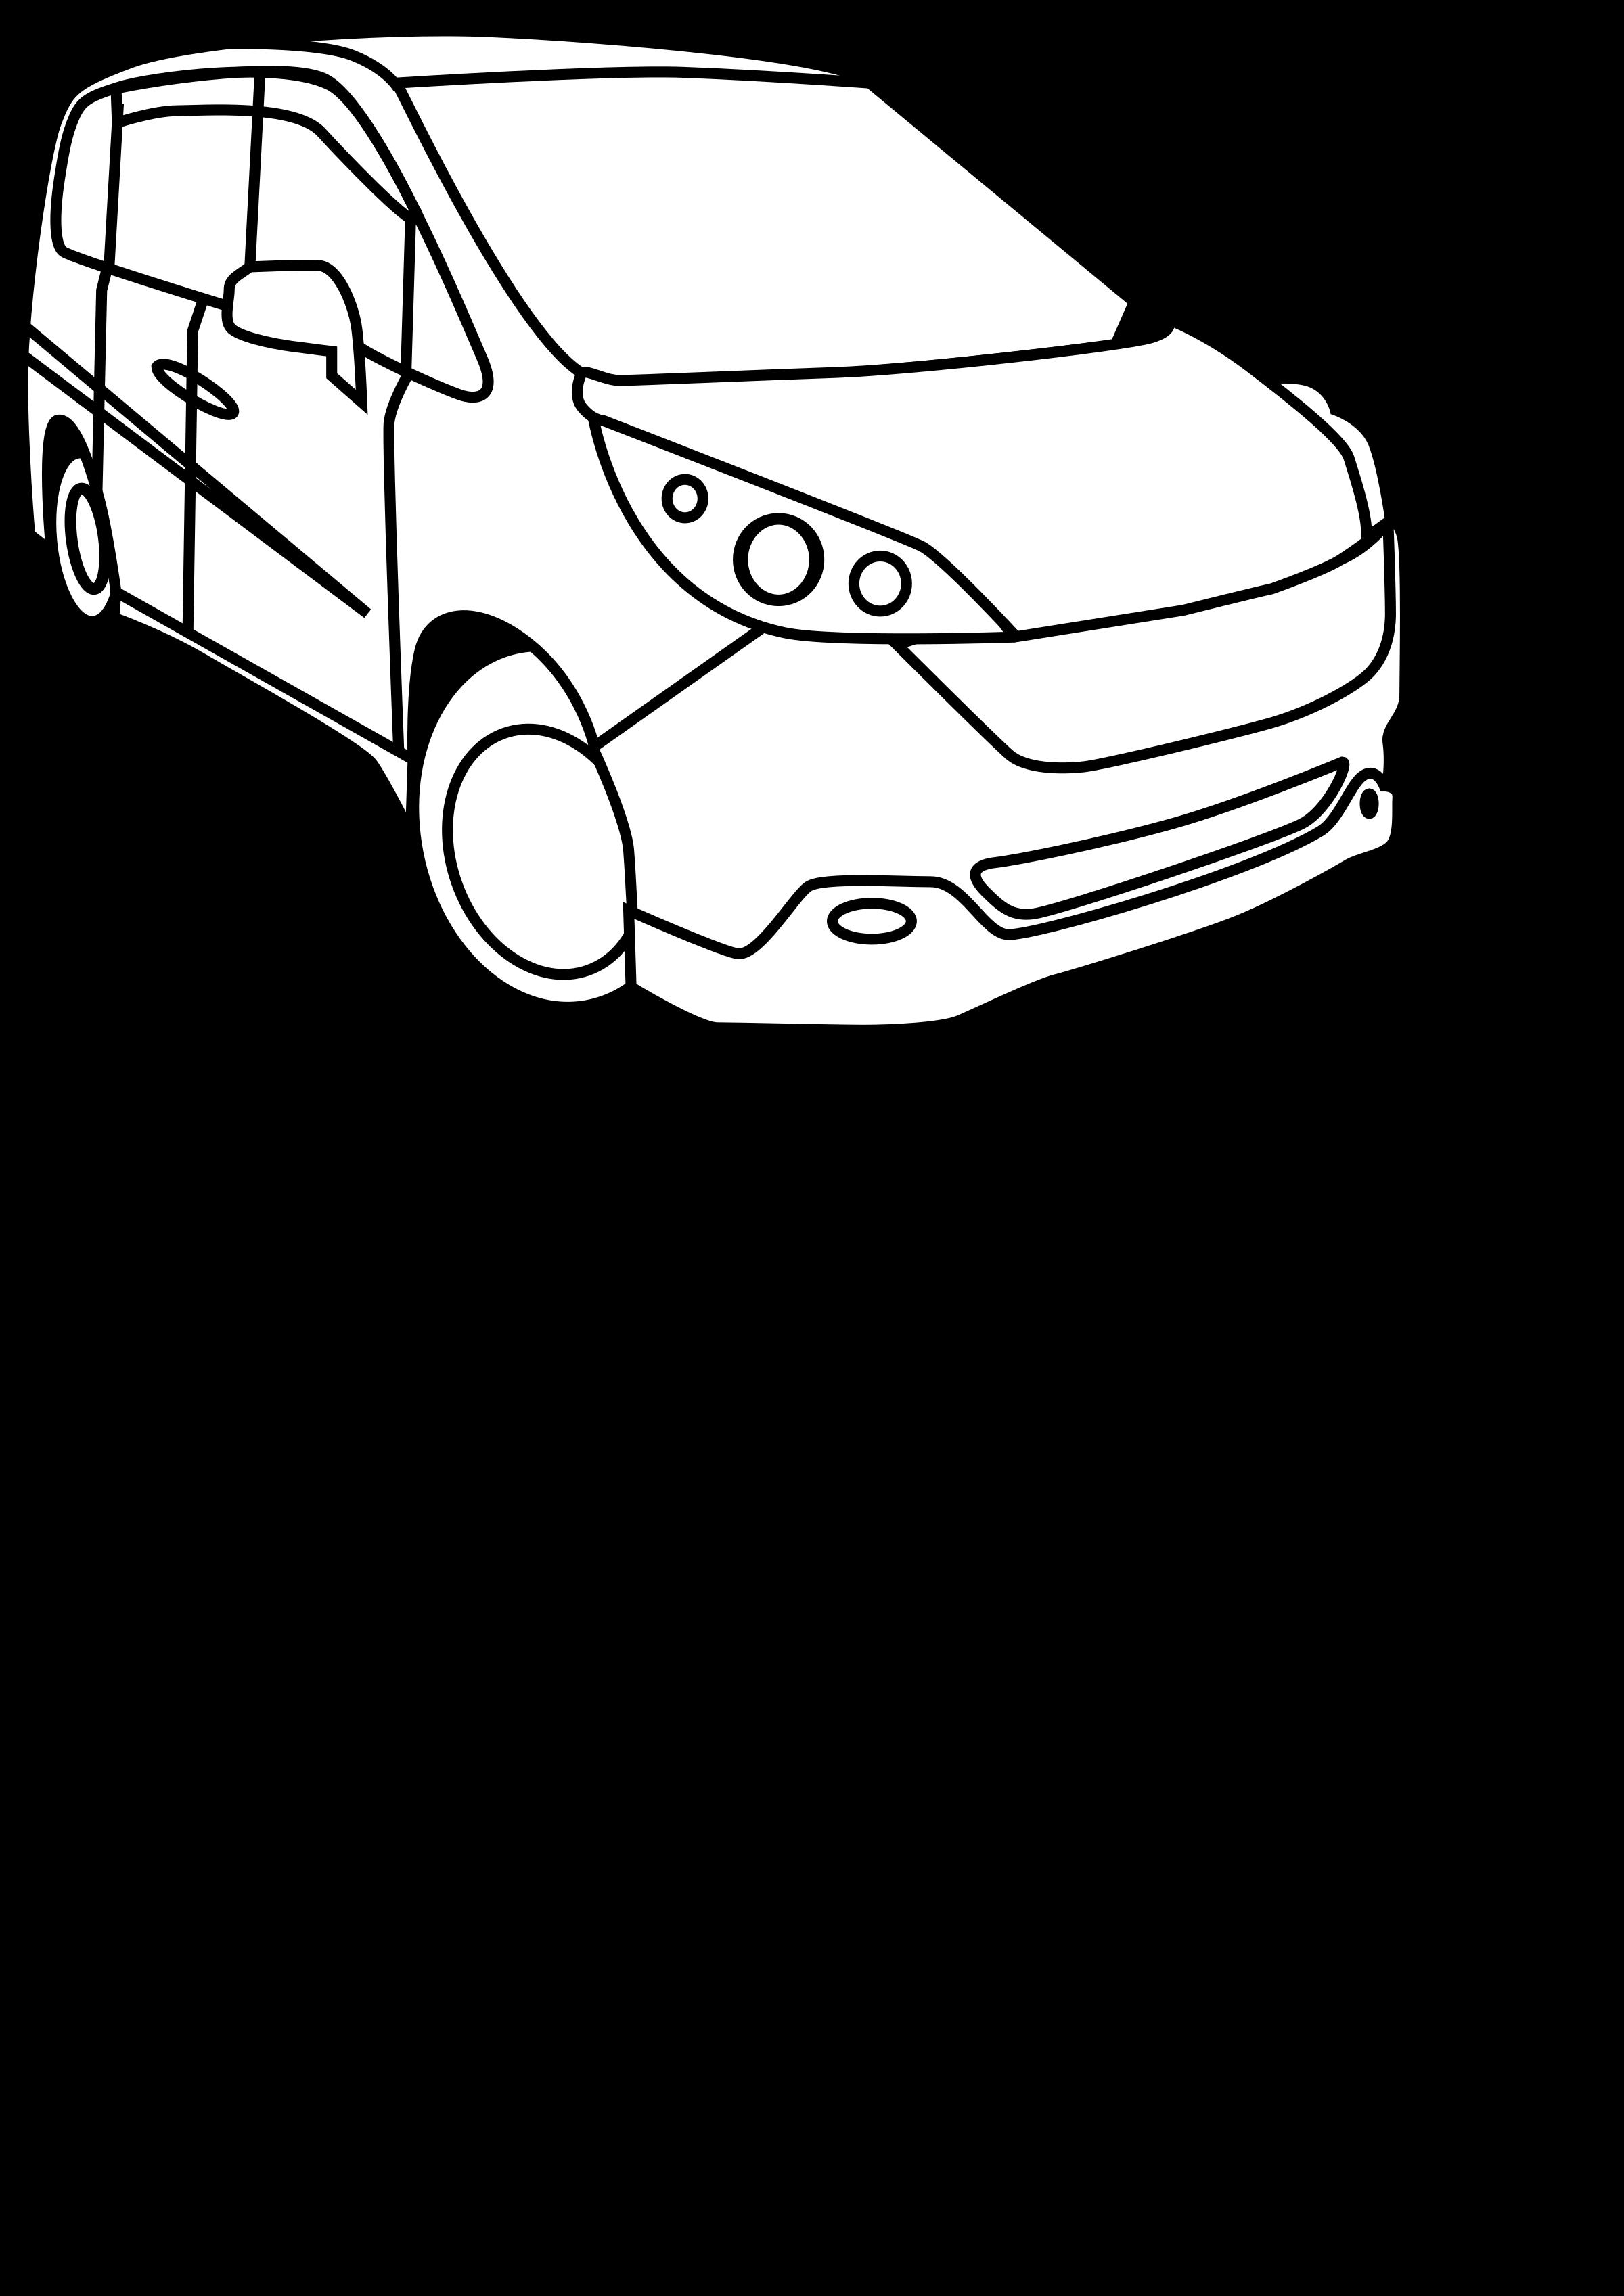 Minivan clipart big car. Image png